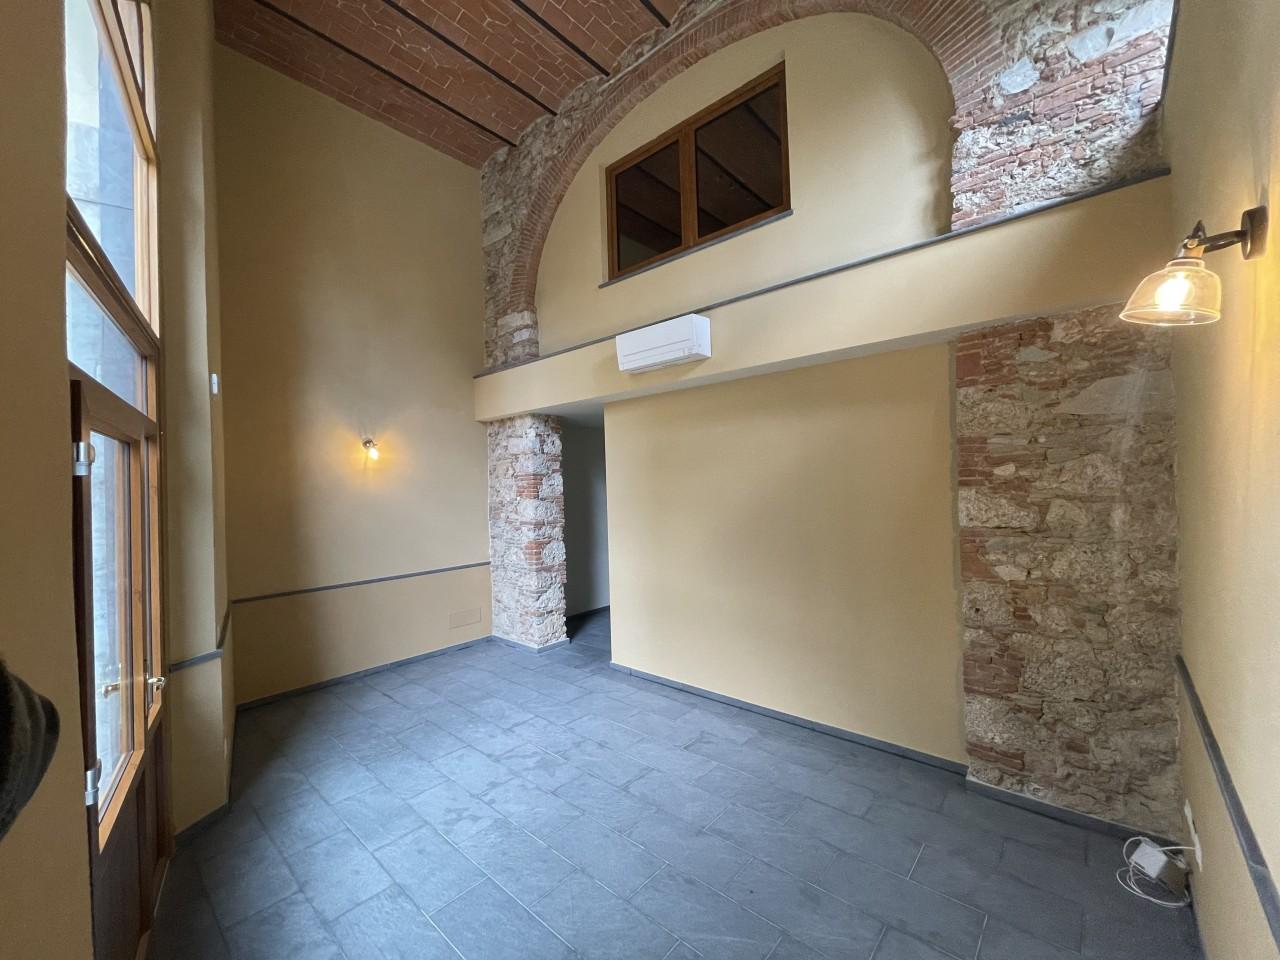 Immobile Commerciale in affitto a Pietrasanta, 9999 locali, Trattative riservate | CambioCasa.it